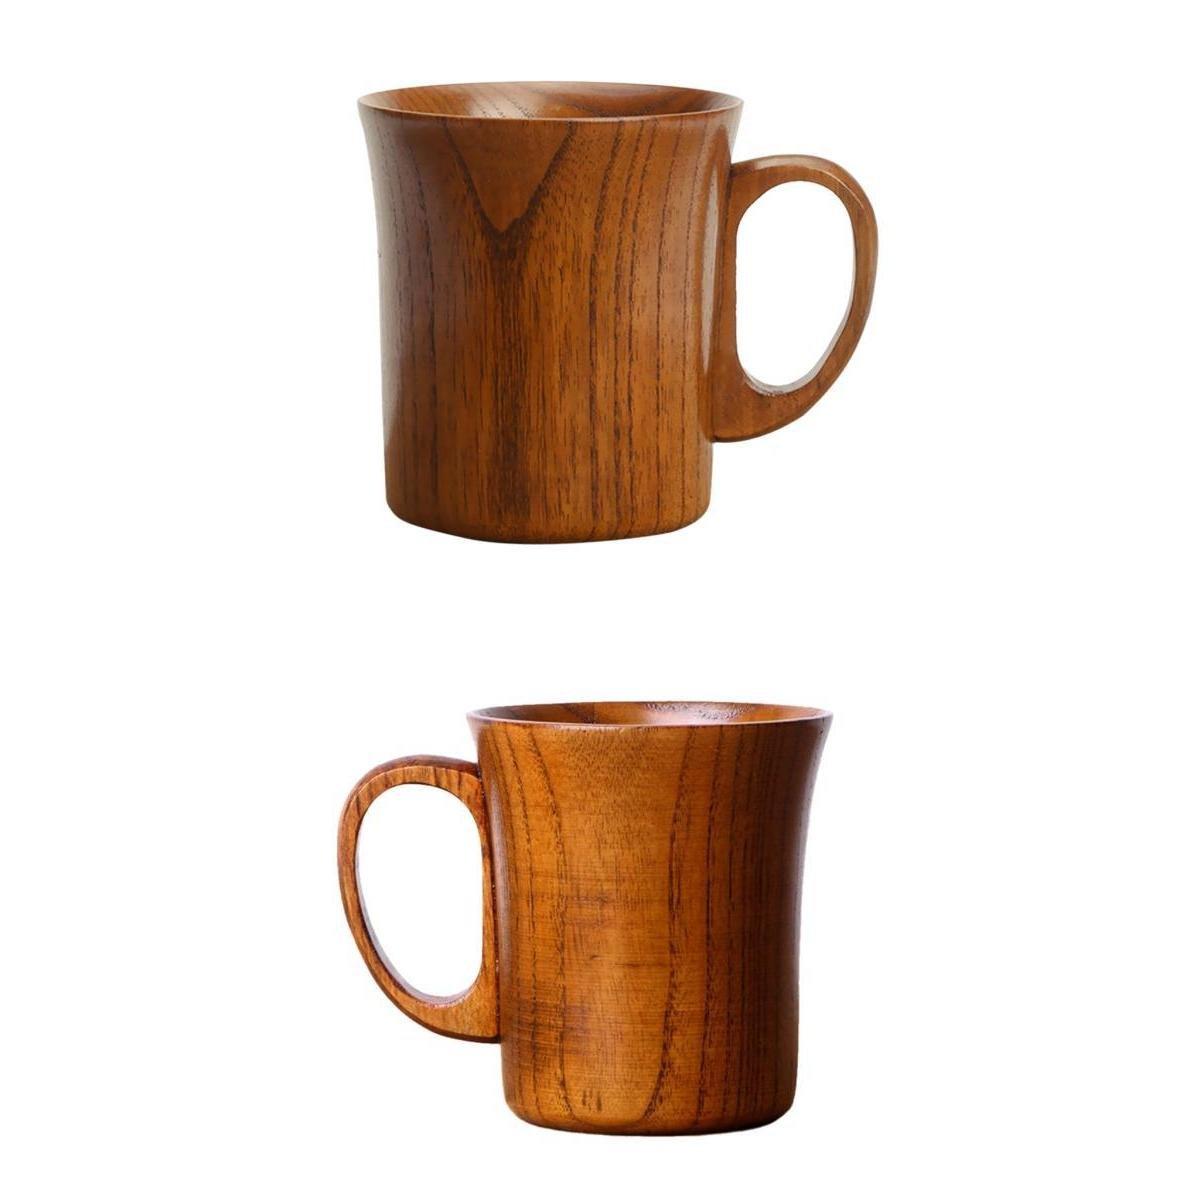 MagiDeal 2pz Tazza In Legno Bicchierino Di Birra Tè Caffè 10cm Artiginato